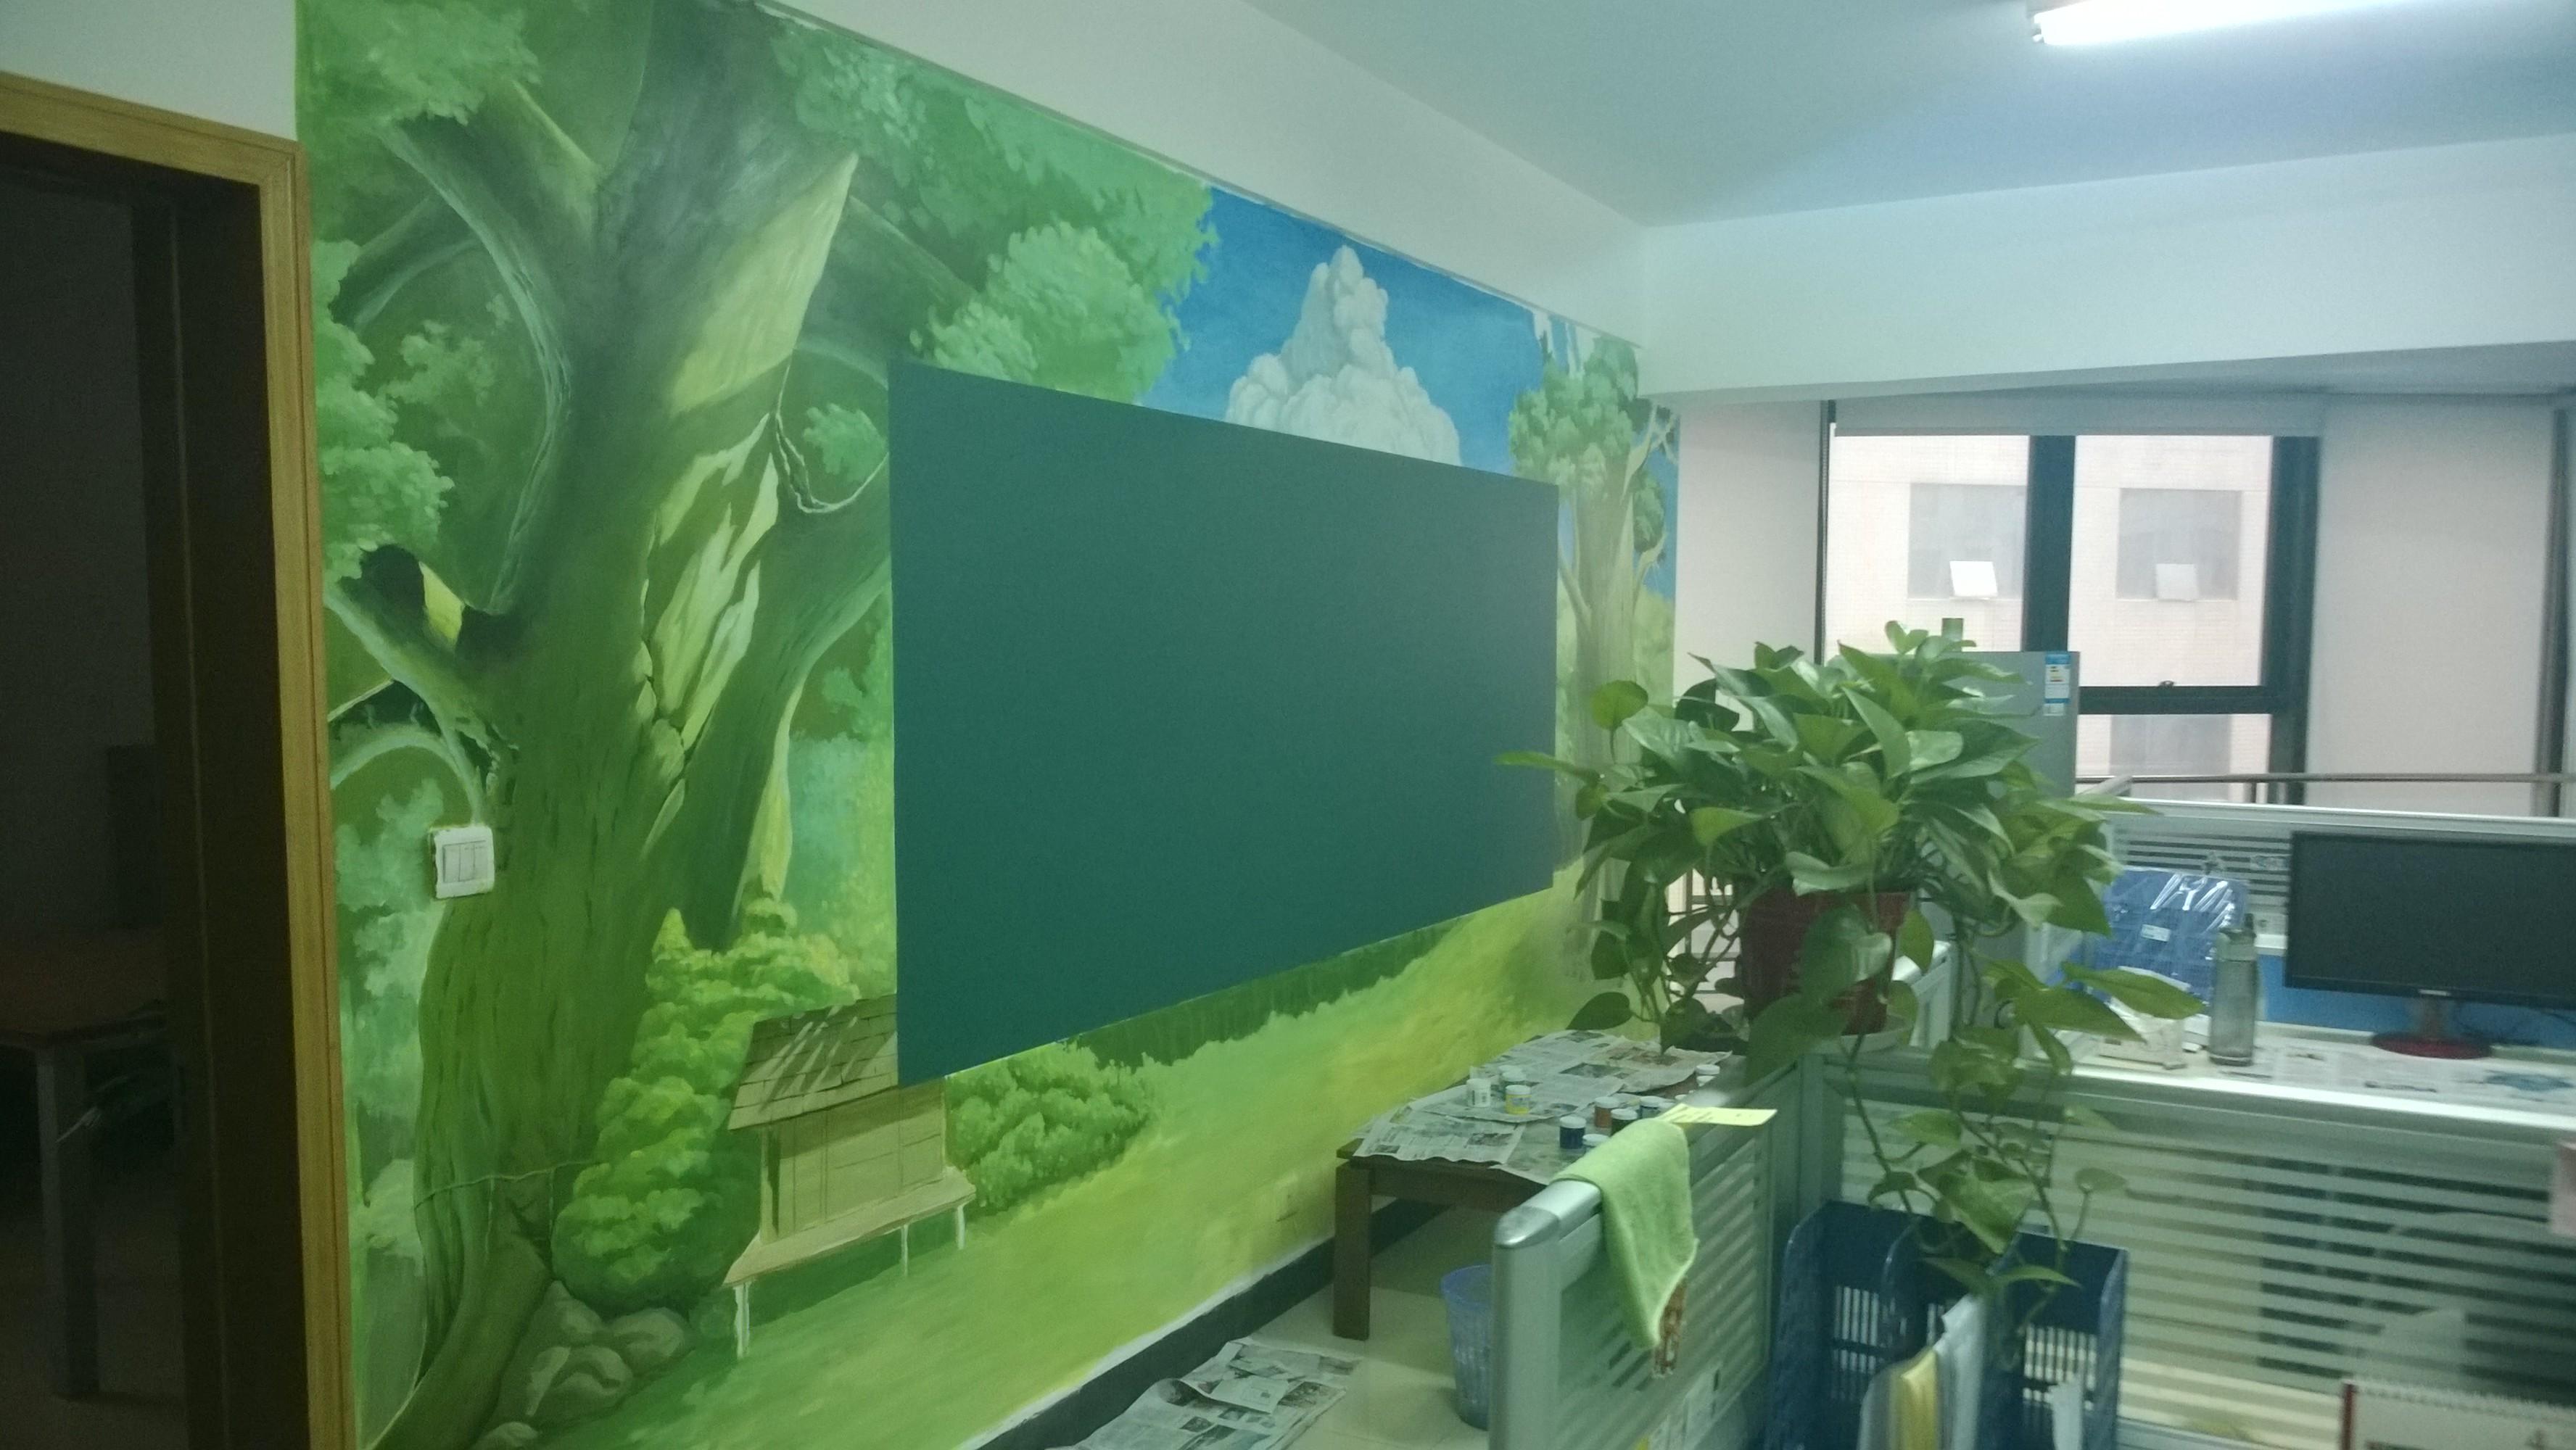 羊乐乐电商办公室手绘墙